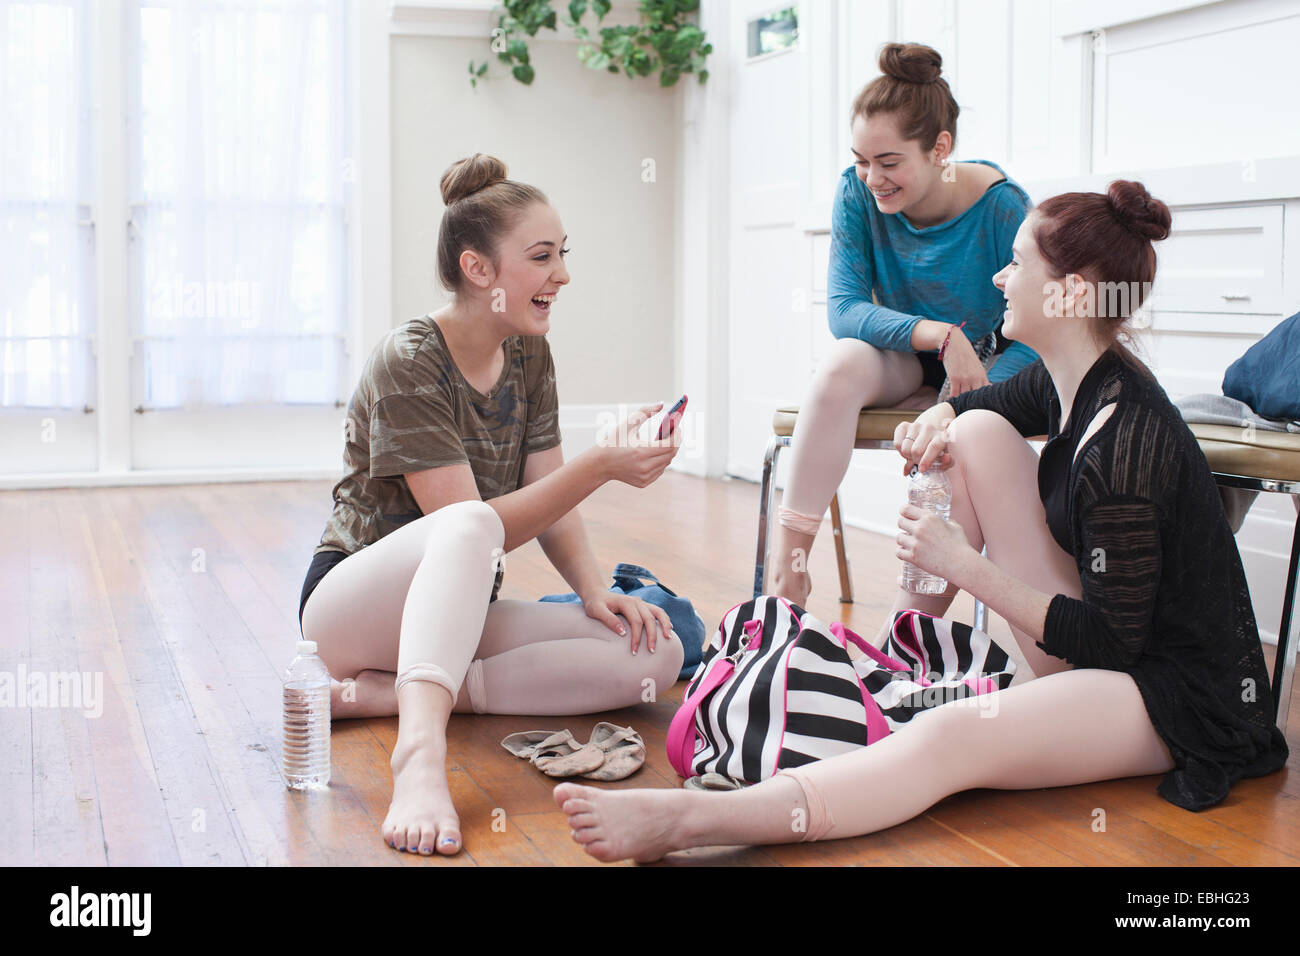 Tre ragazze adolescenti in chat e ridere in scuola di danza Immagini Stock